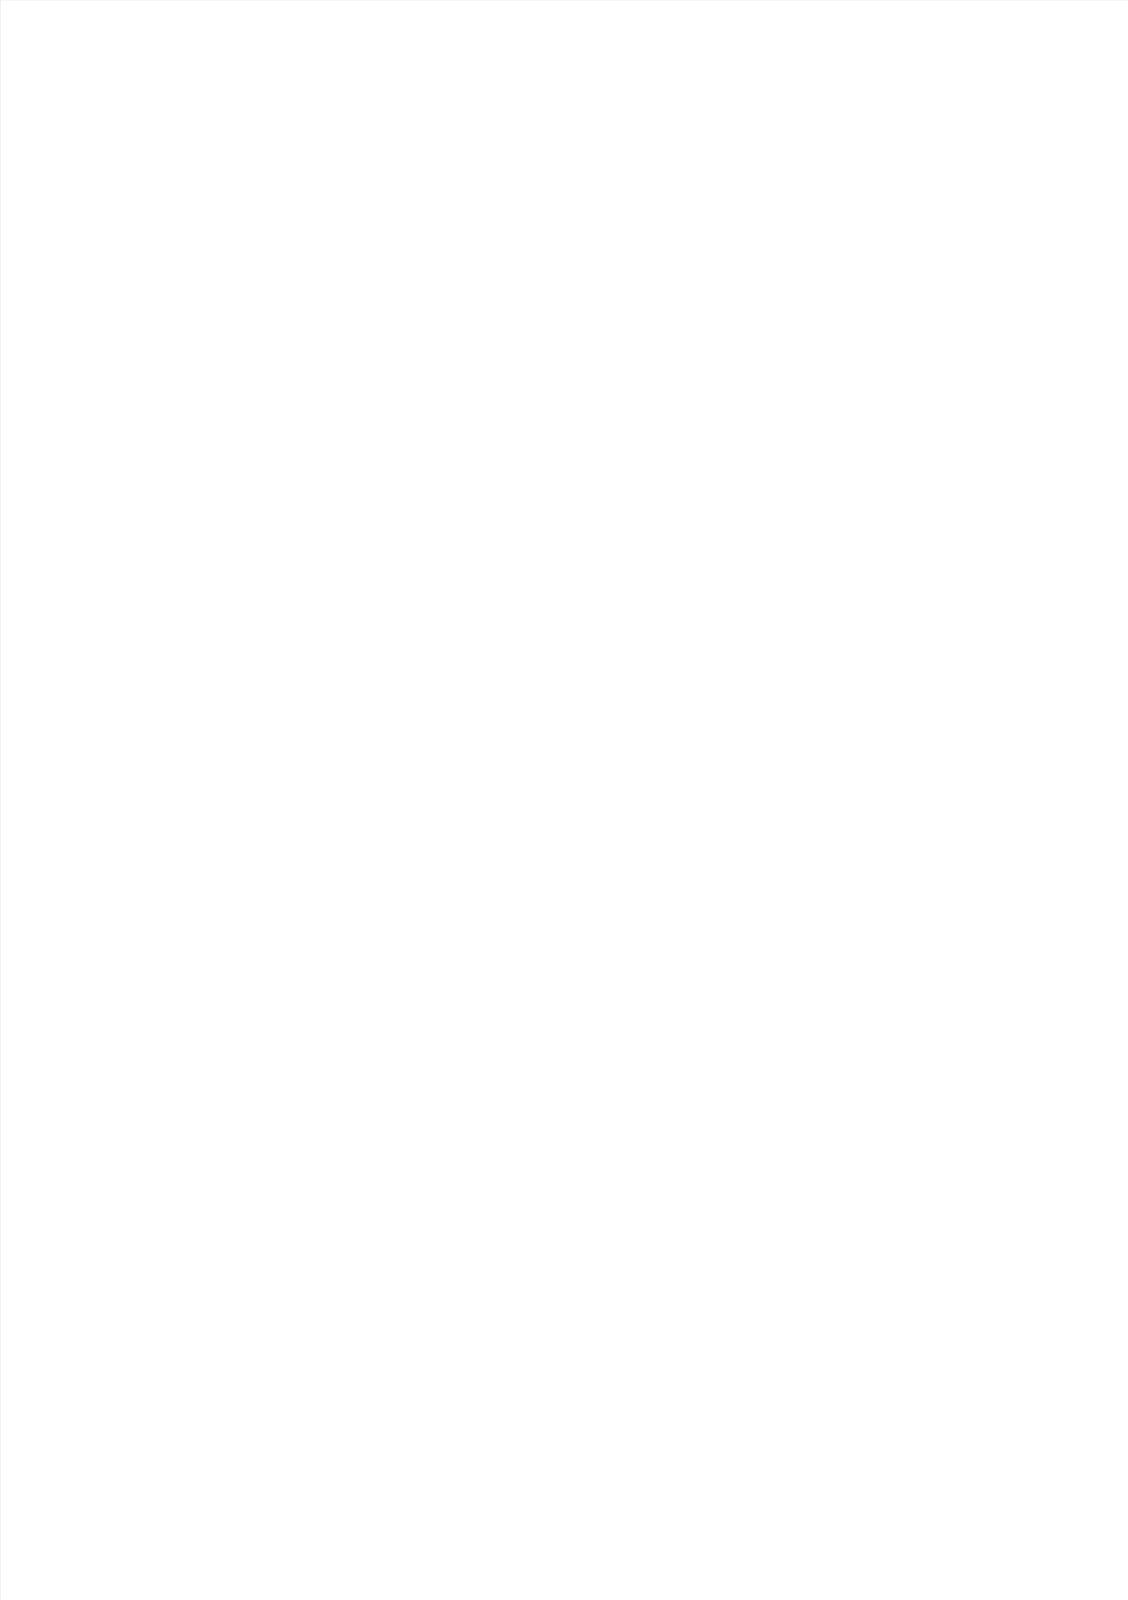 [Misaki Yukihiro] Kyousei Shidou ~Mechakucha ni Kegasarete~ (1)~(6) [Digital] 131